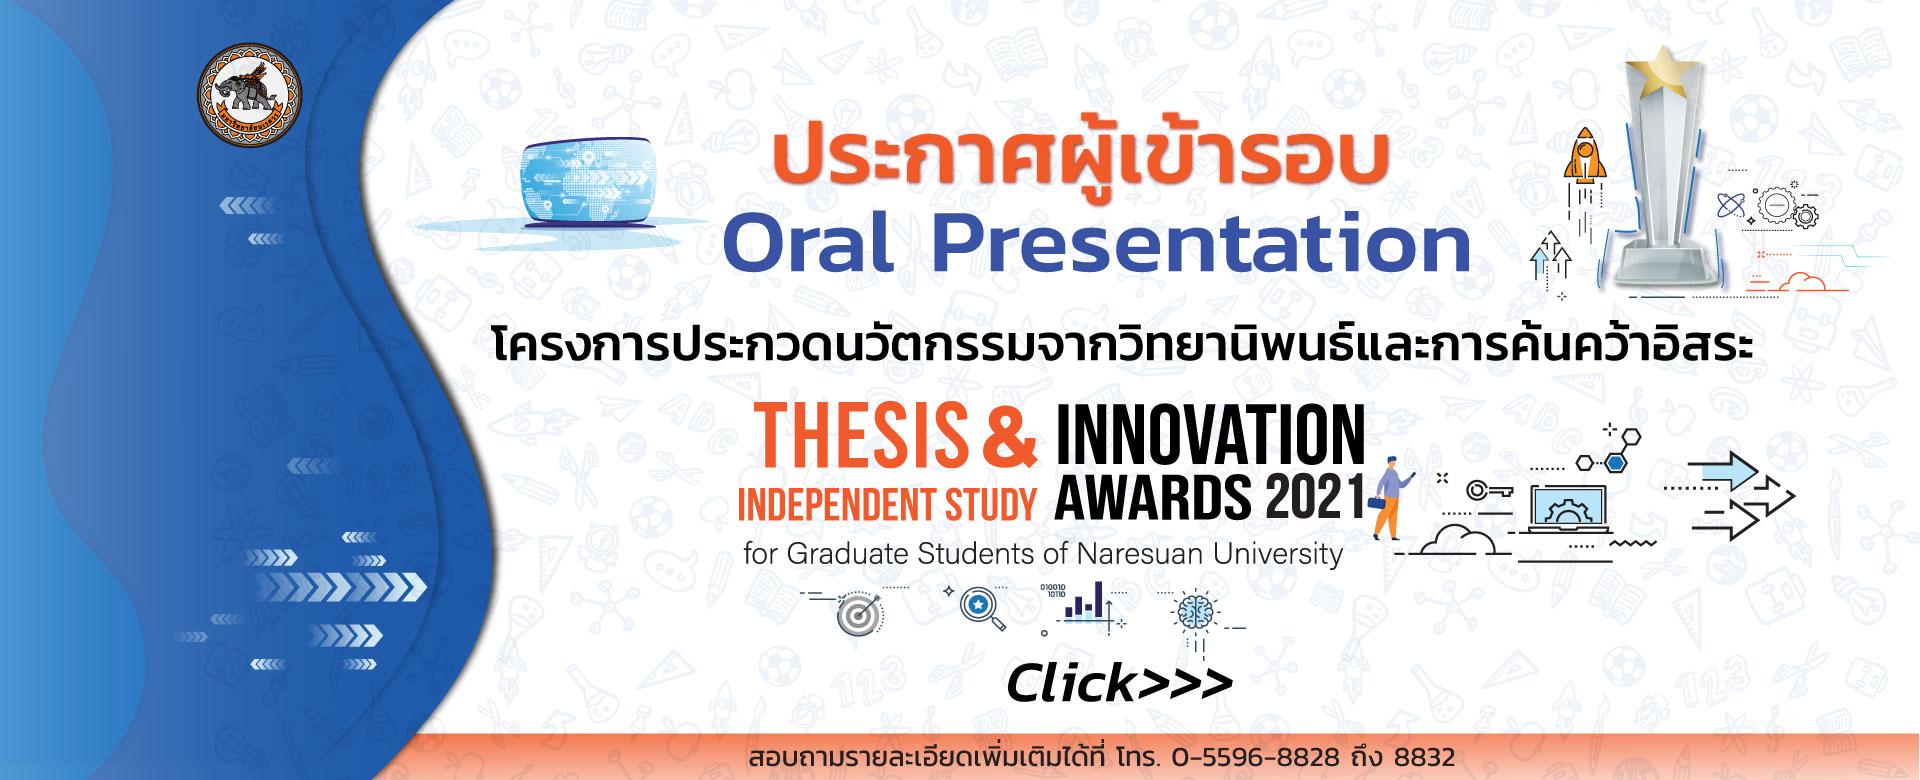 ประกาศผู้เข้ารอบ Oral Presentation โครงการประกวดนวัตกรรมจากวิทยานิพนธ์ และการค้นคว้าอิสระ(THESIS & INDEPENDENT STUDY INNOVATION AWARDS 2021 for Graduate Students of Naresuan University)